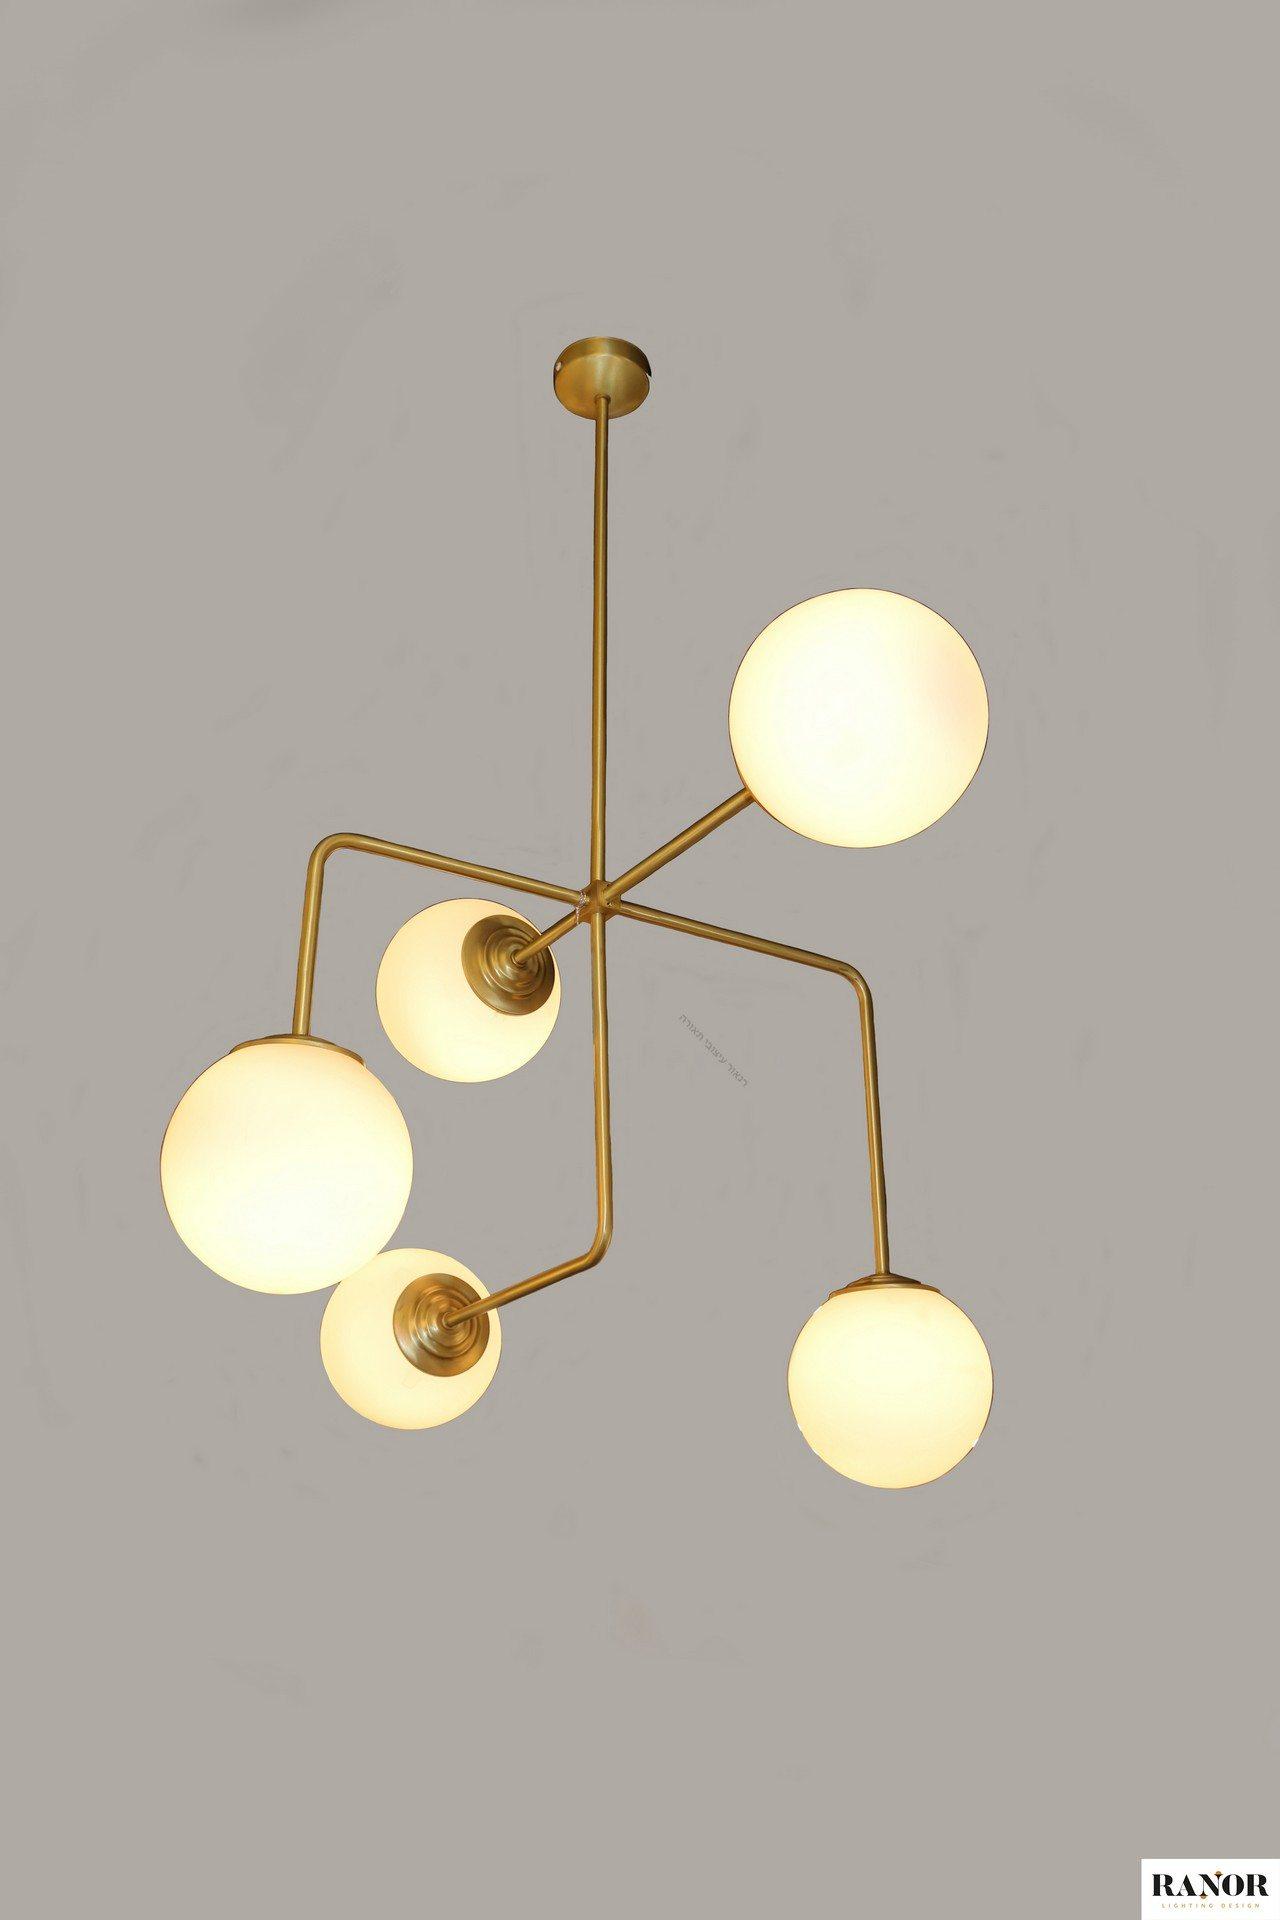 """מנורת פליז צמודת תיקרה יורדת עם מוטות עם חמישה כדורי זכוכית חלביים בקוטר 20 ס""""מ, ייצור כחול לבן של רנאור עיצובי תאורה עבודת יד, המנורה עוצבה על ידי המעצב יעקב ארז, ניתן לקבל כל אורך לפי דרישה."""